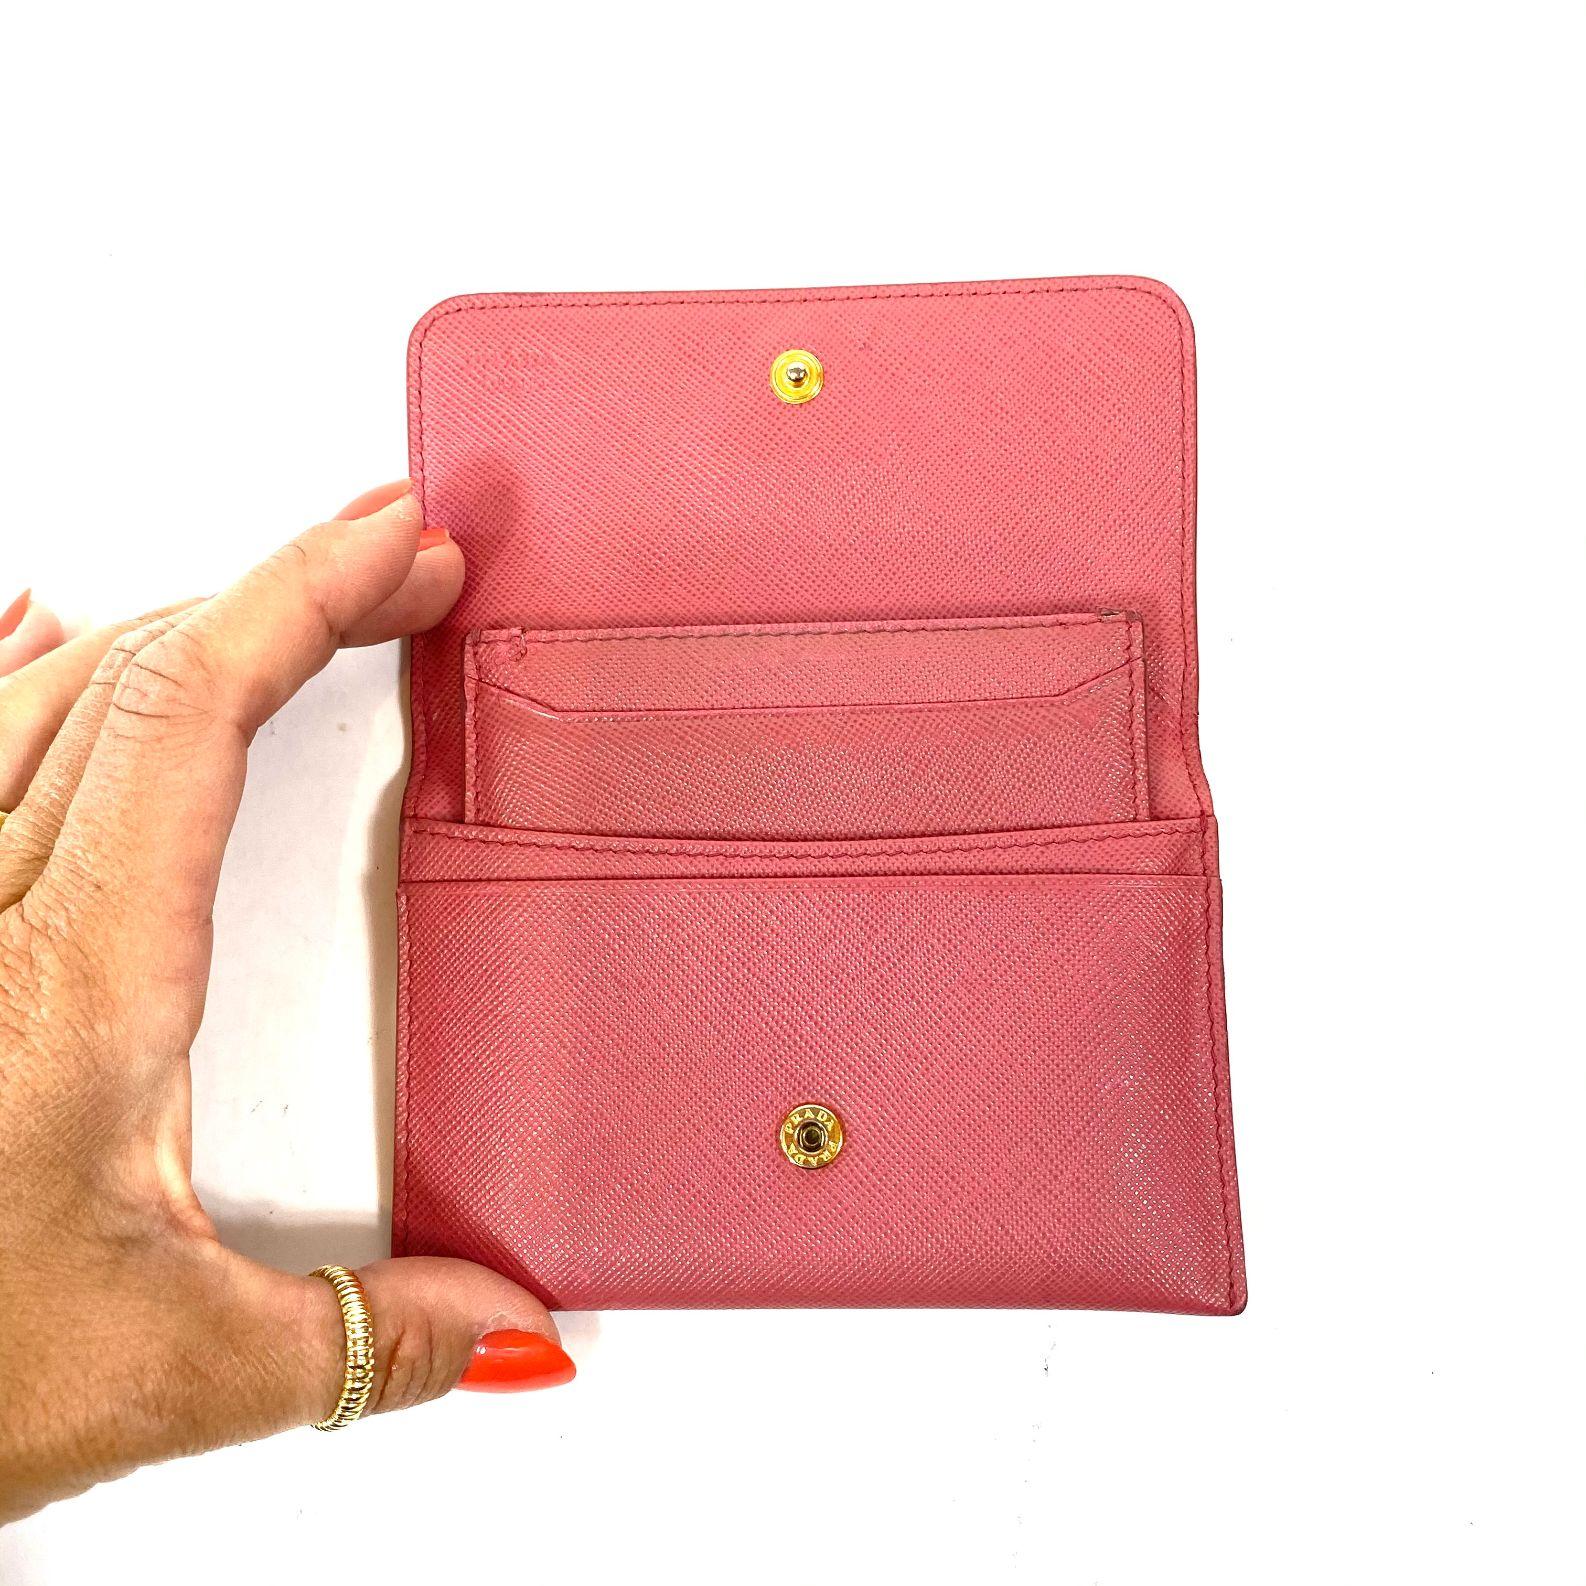 Porta Cartões Prada Saffiano Rosa